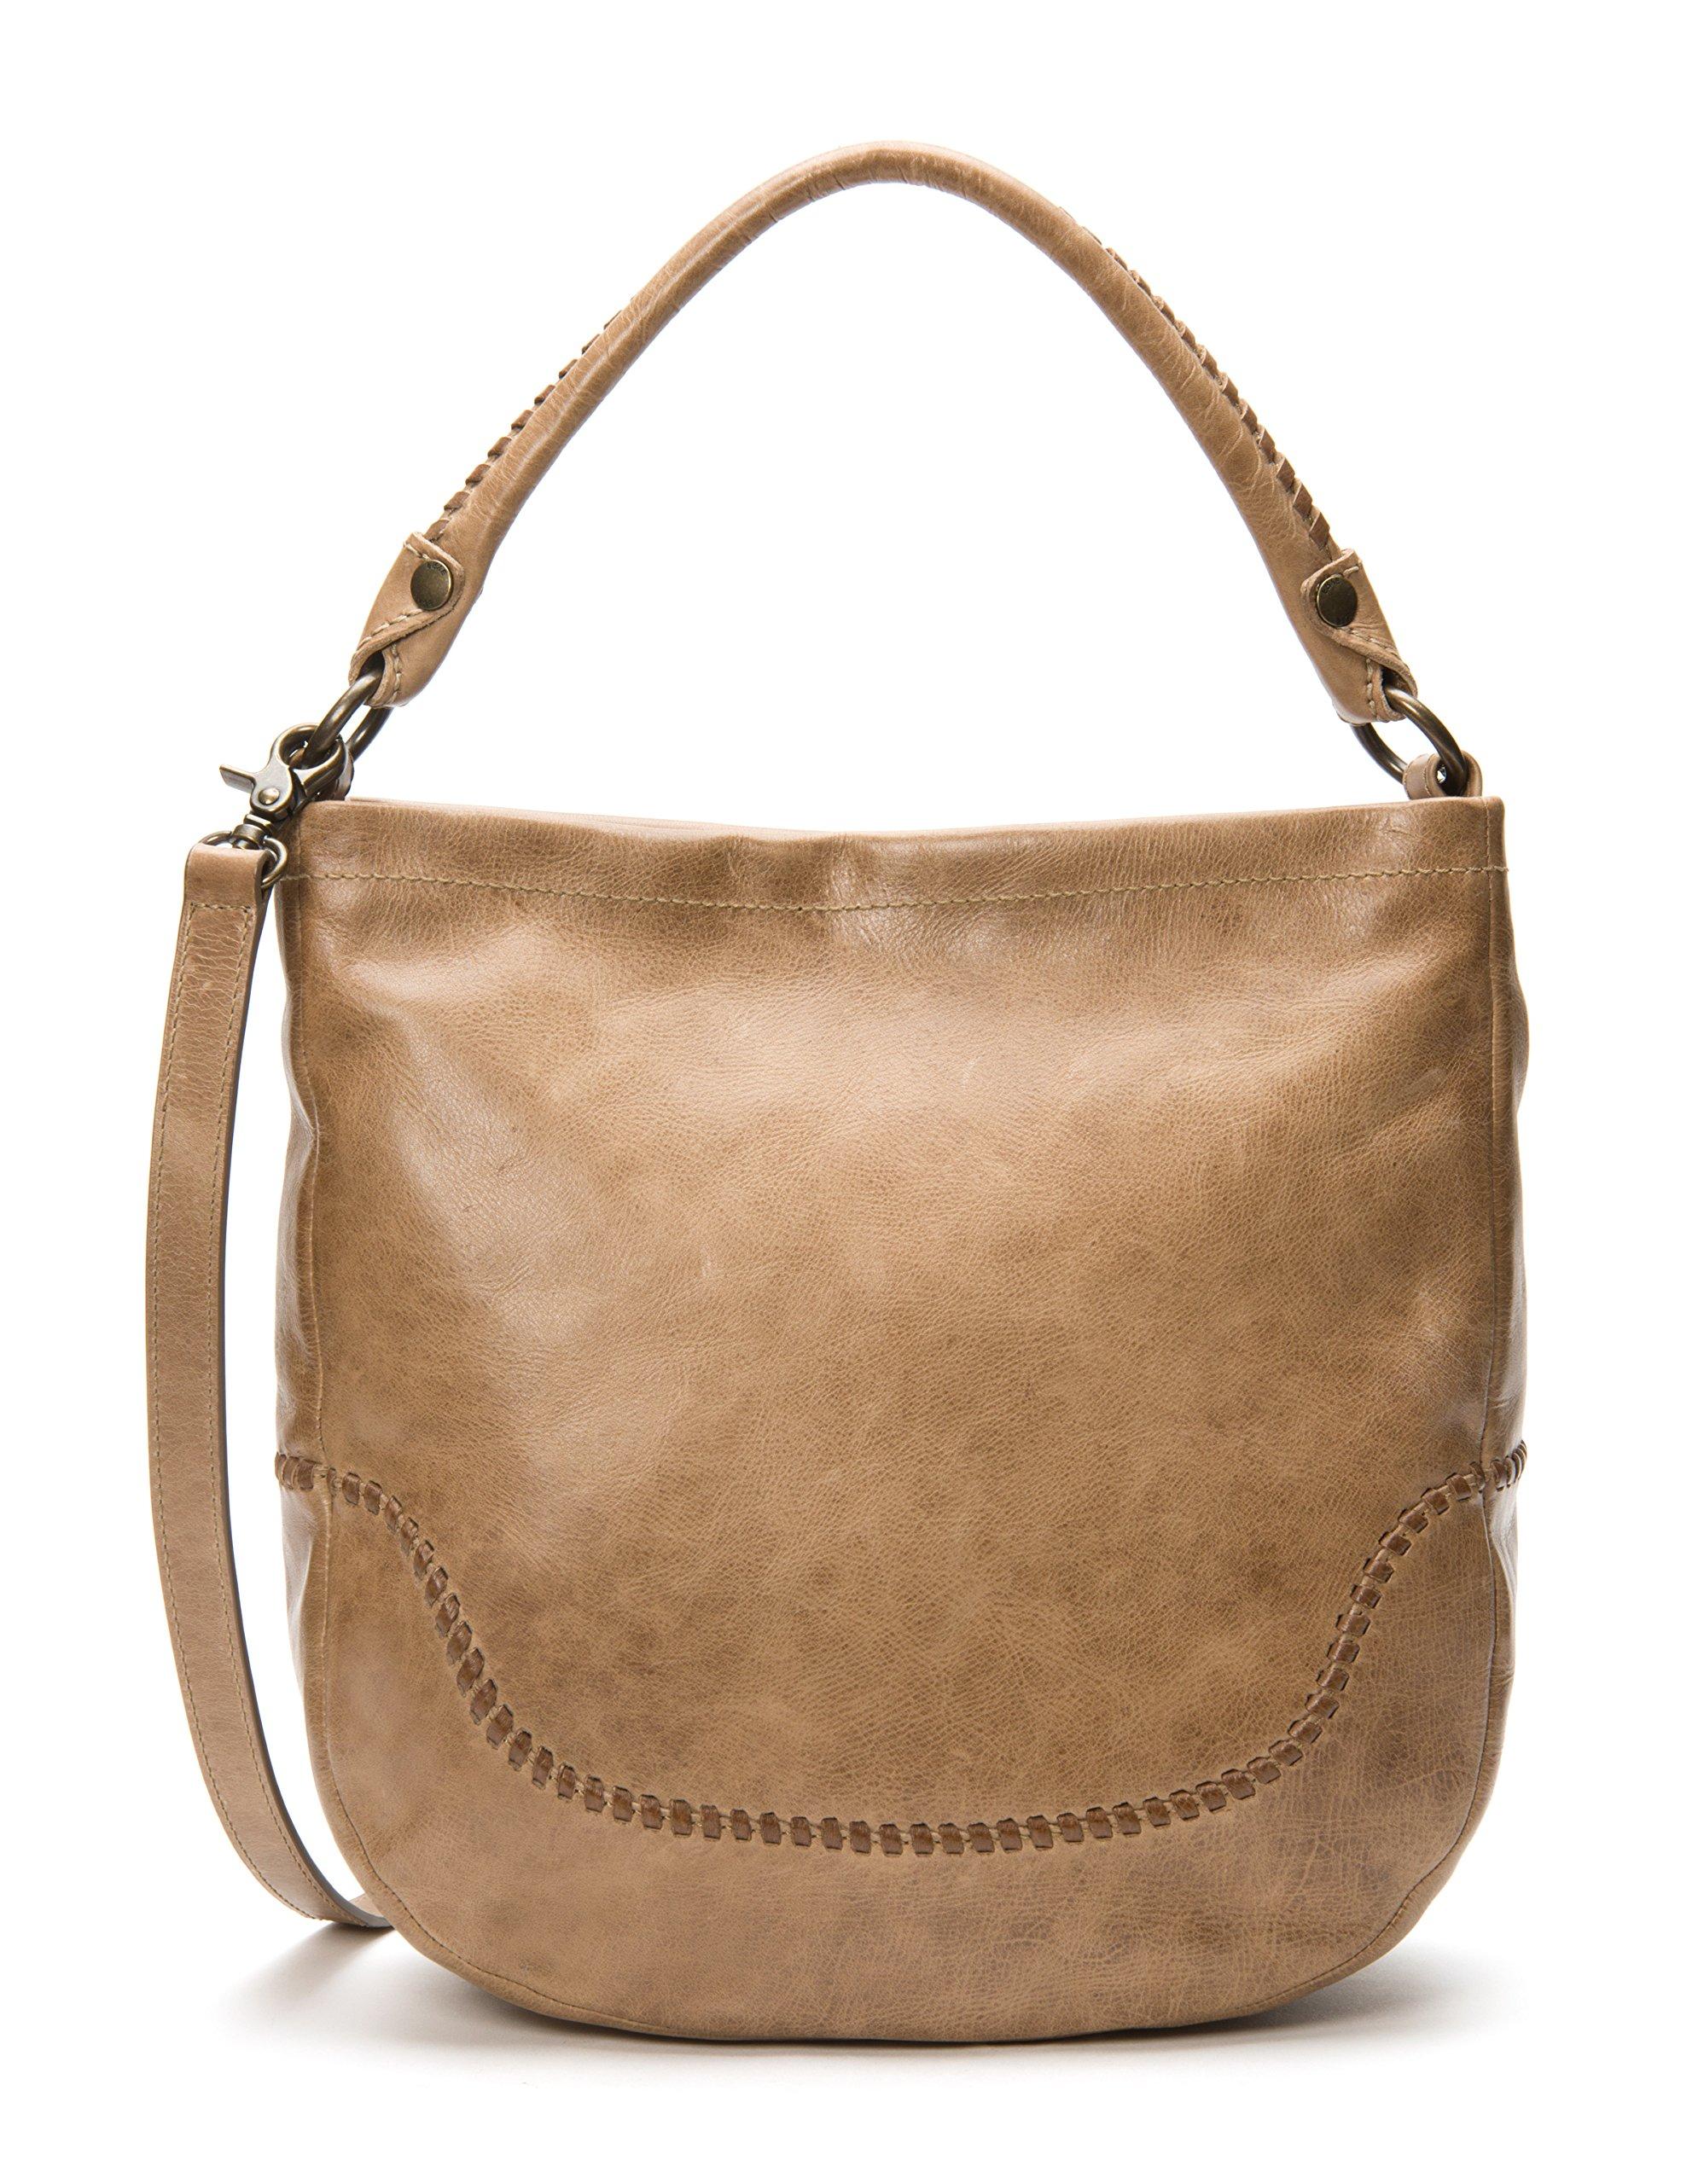 FRYE Melissa Whipstitch Hobo Shoulder Bag, Dark Taupe